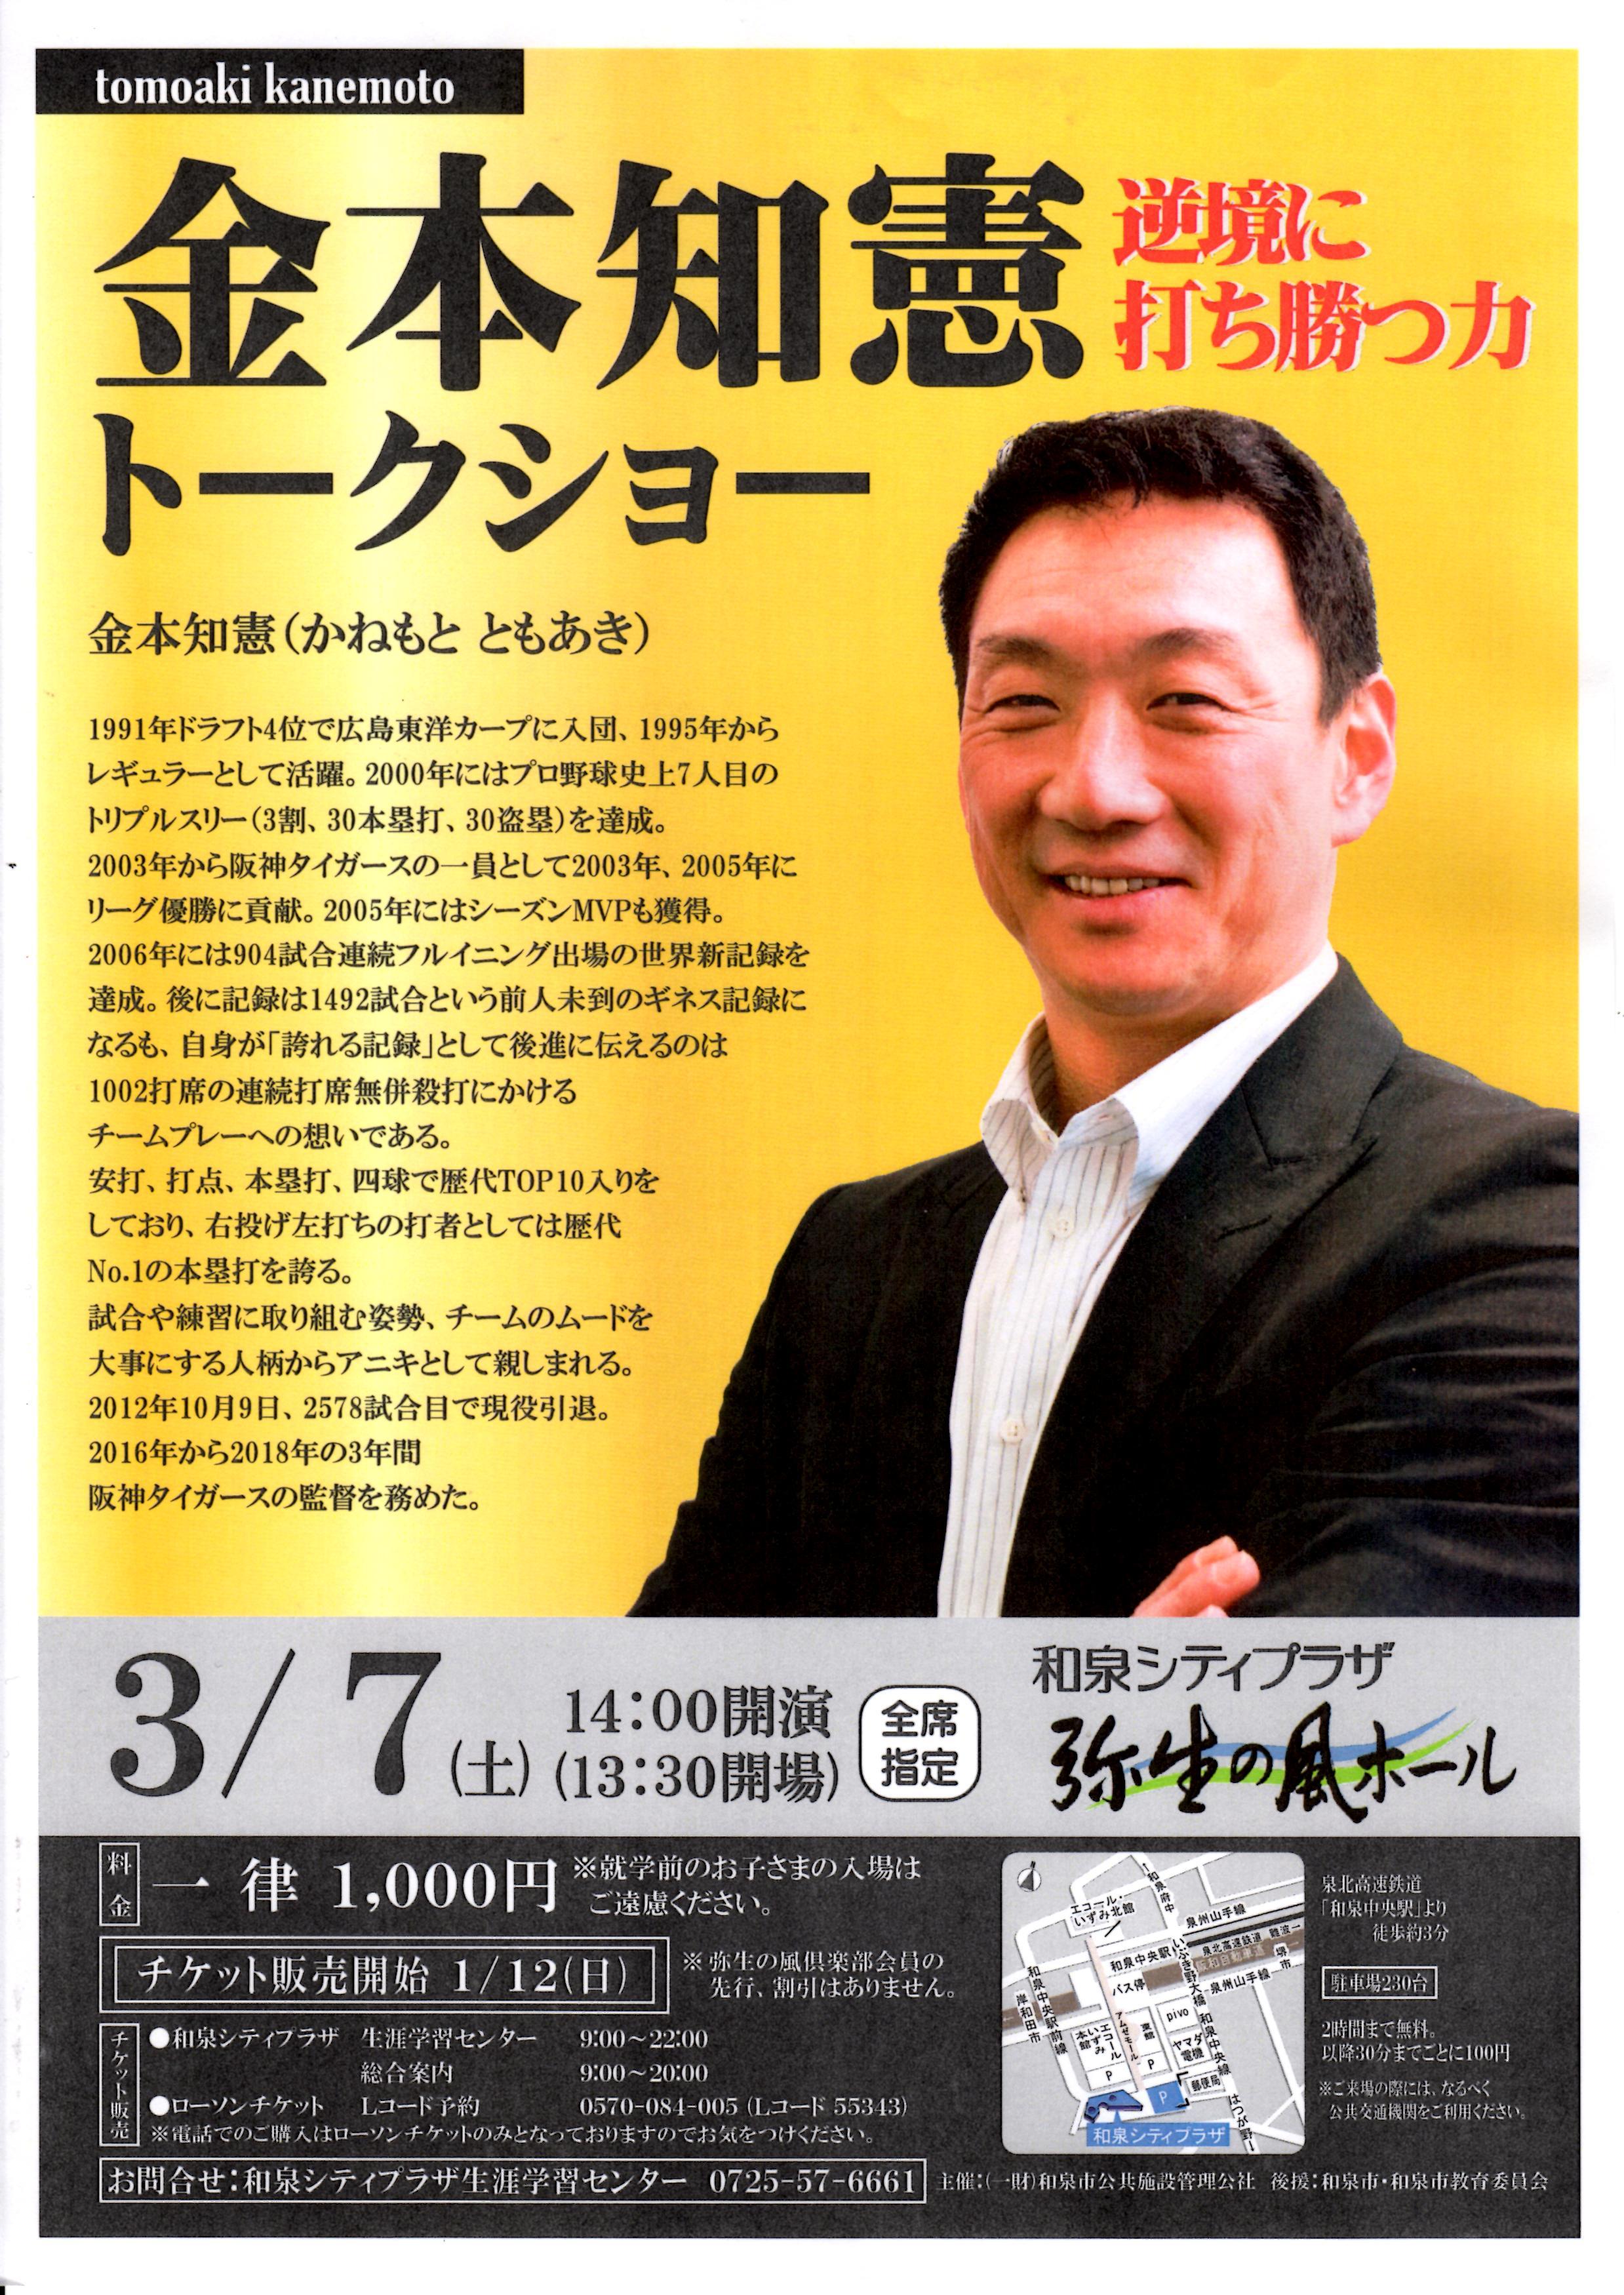 2020年3月7日(土) 金本知憲トークショー~逆境に打ち勝つ力~